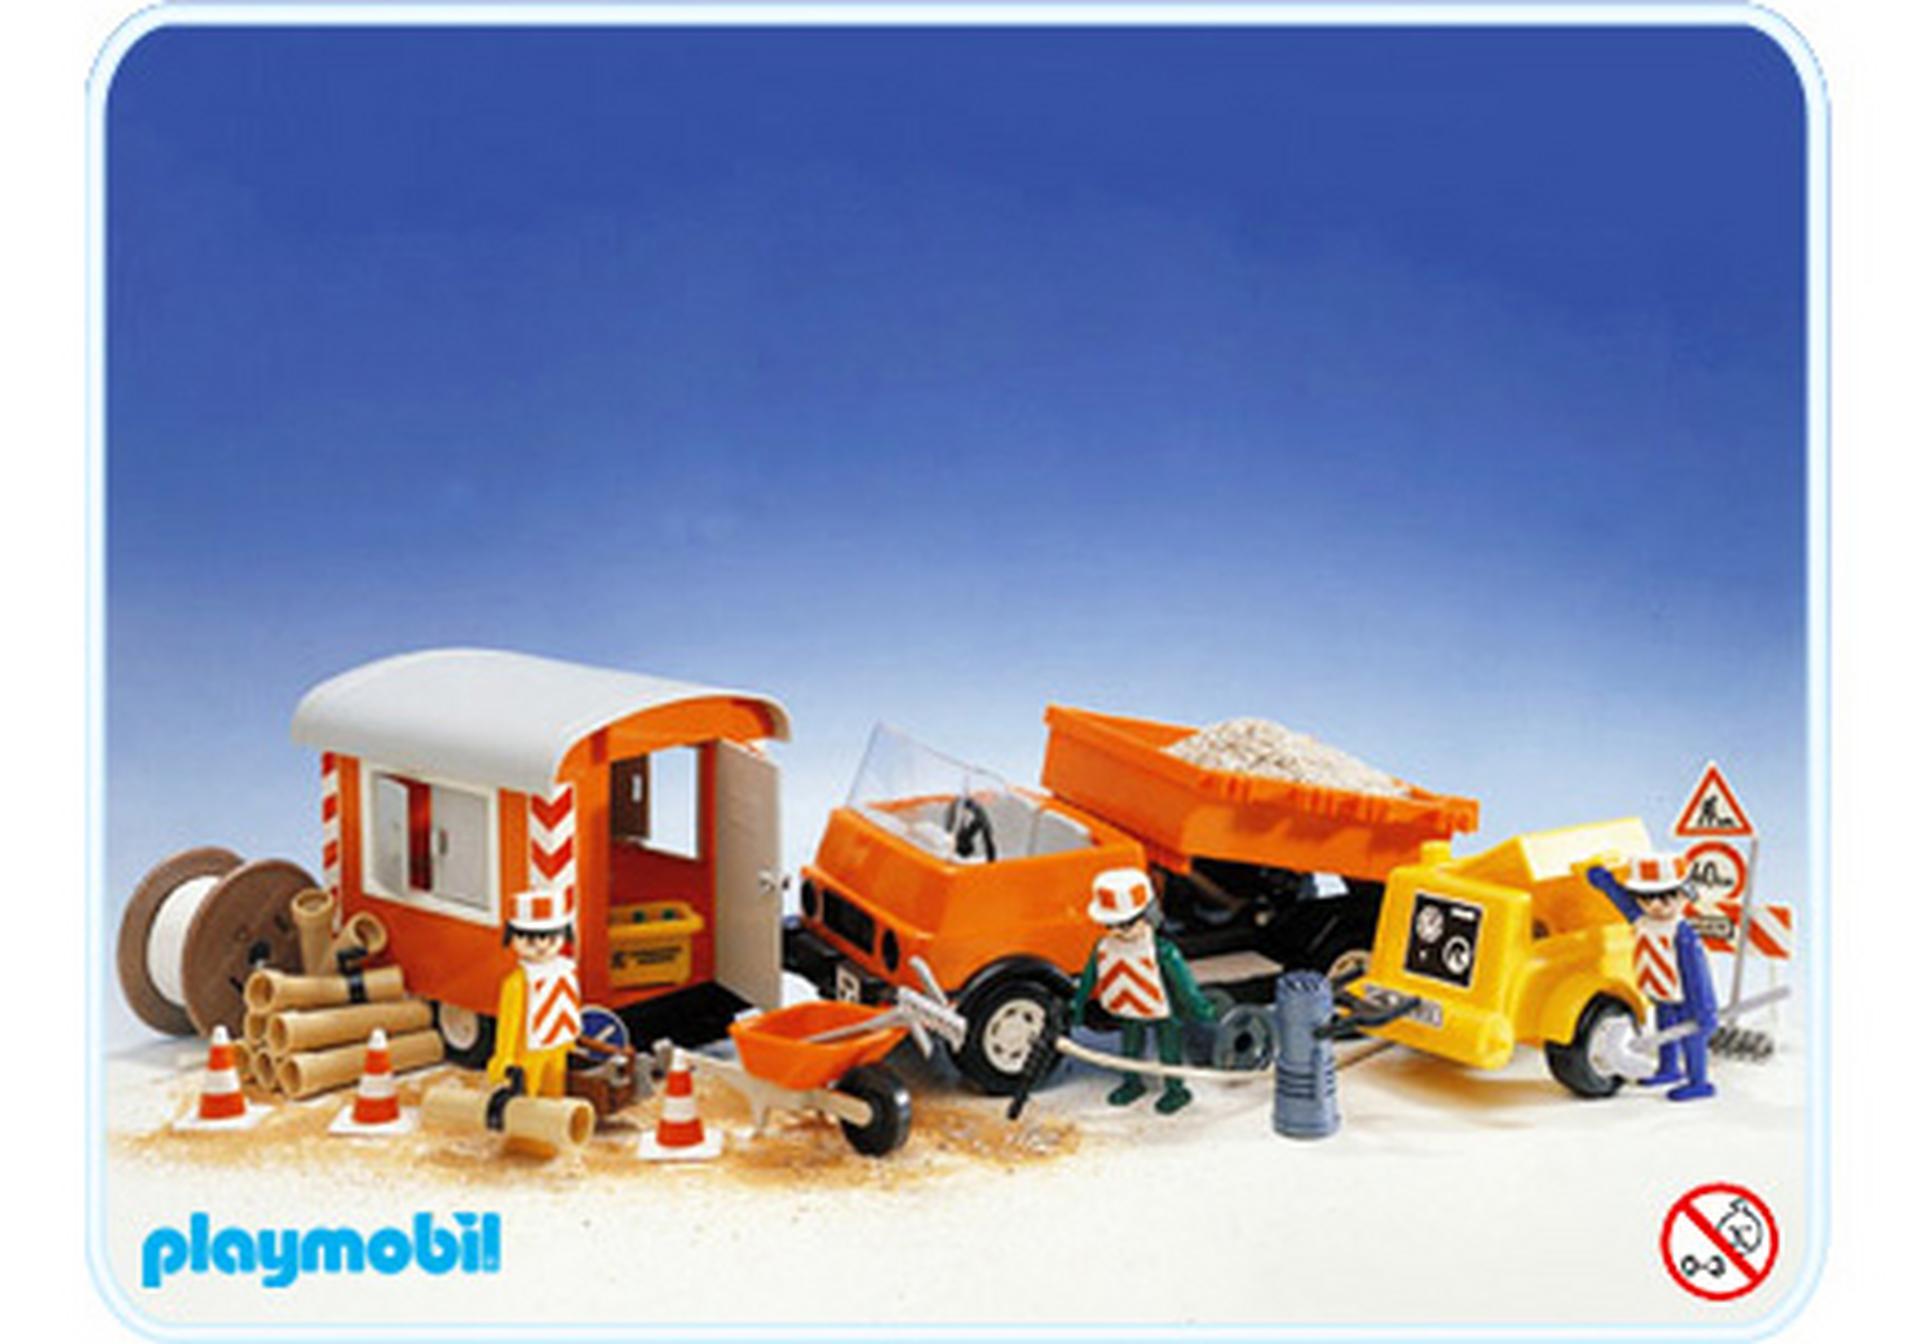 Baustellenfahrzeug 3474 a playmobil deutschland for Jugendzimmer playmobil